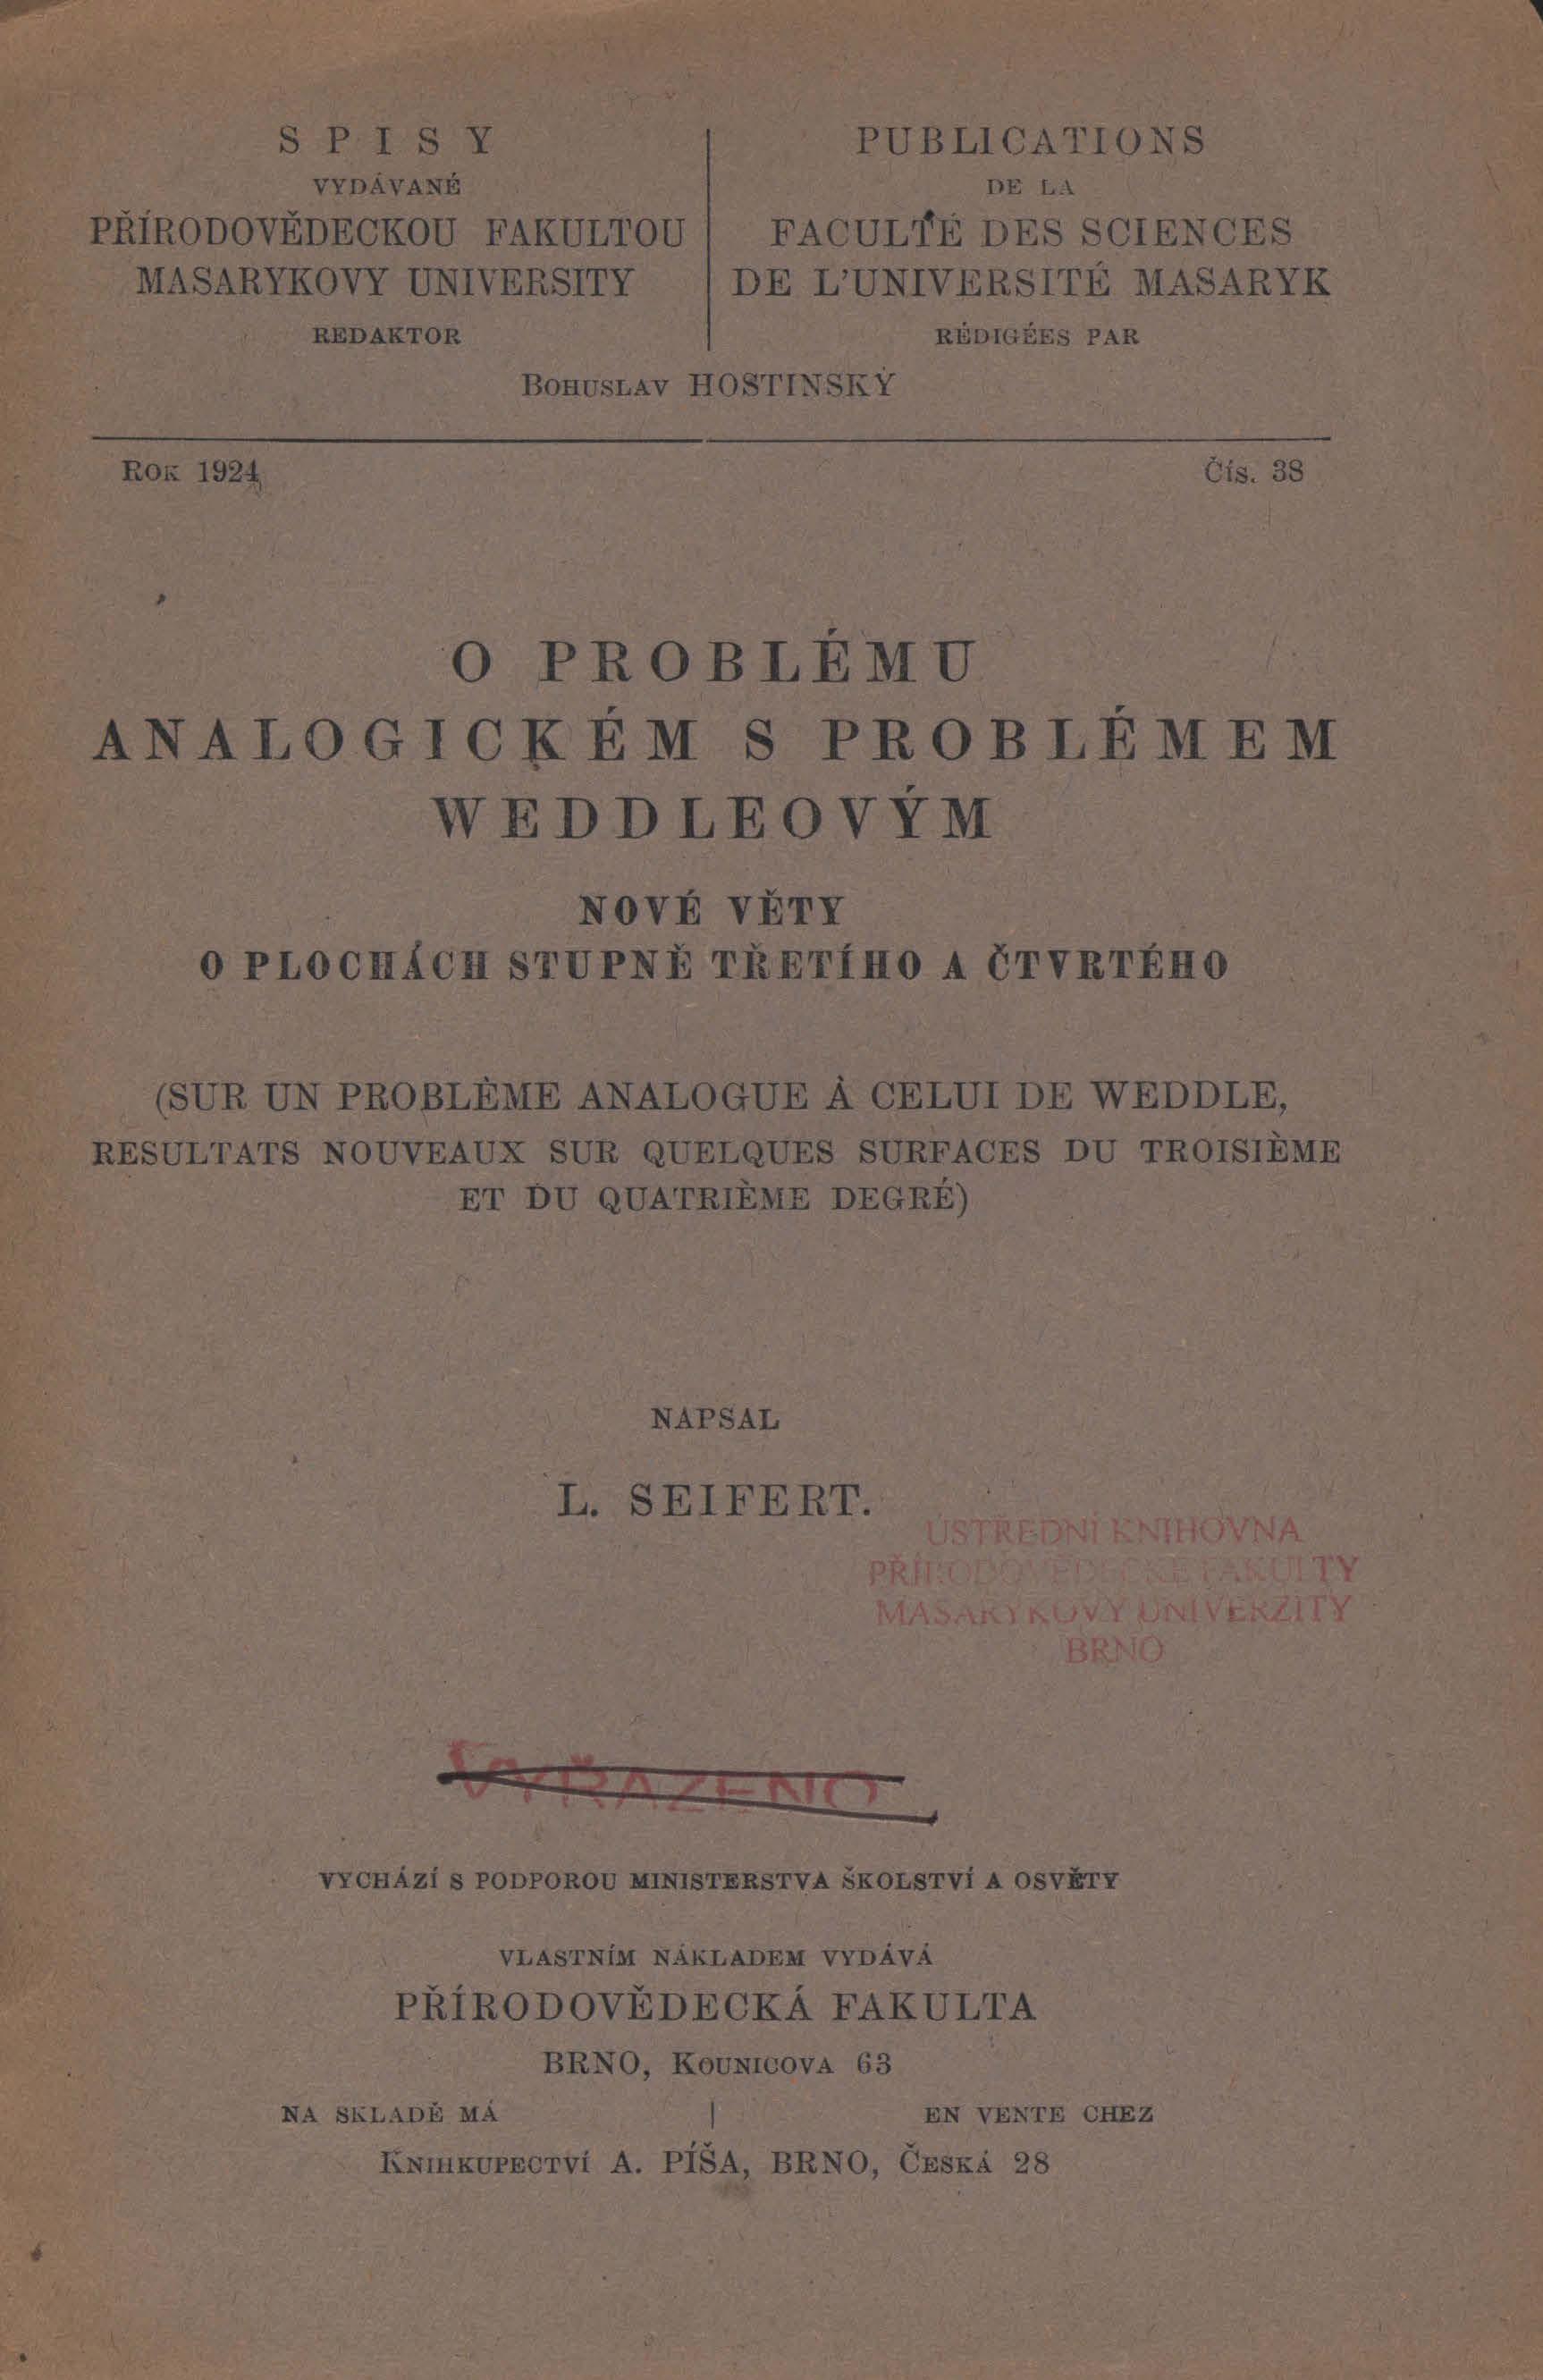 Obálka pro O problému analogickém s problémem Weddleovým : nové věty o plochách stupně třetího a čtvrtého